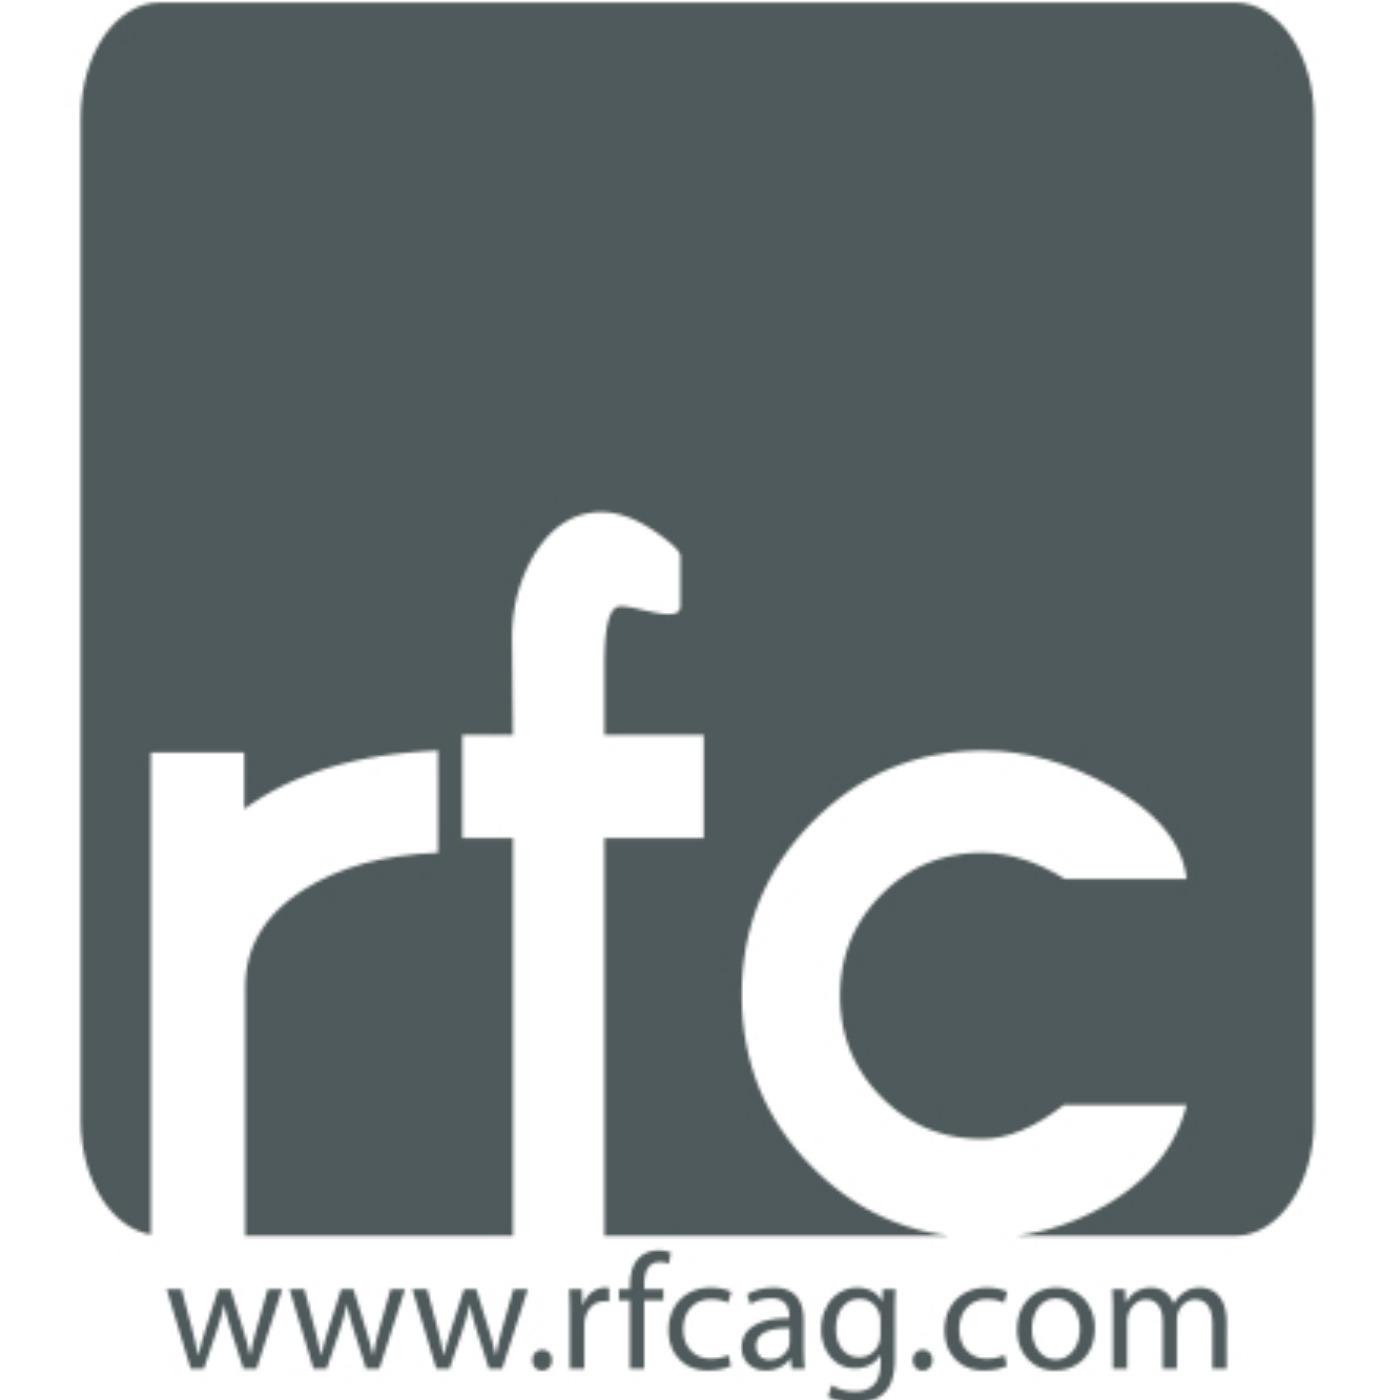 RFC Messages